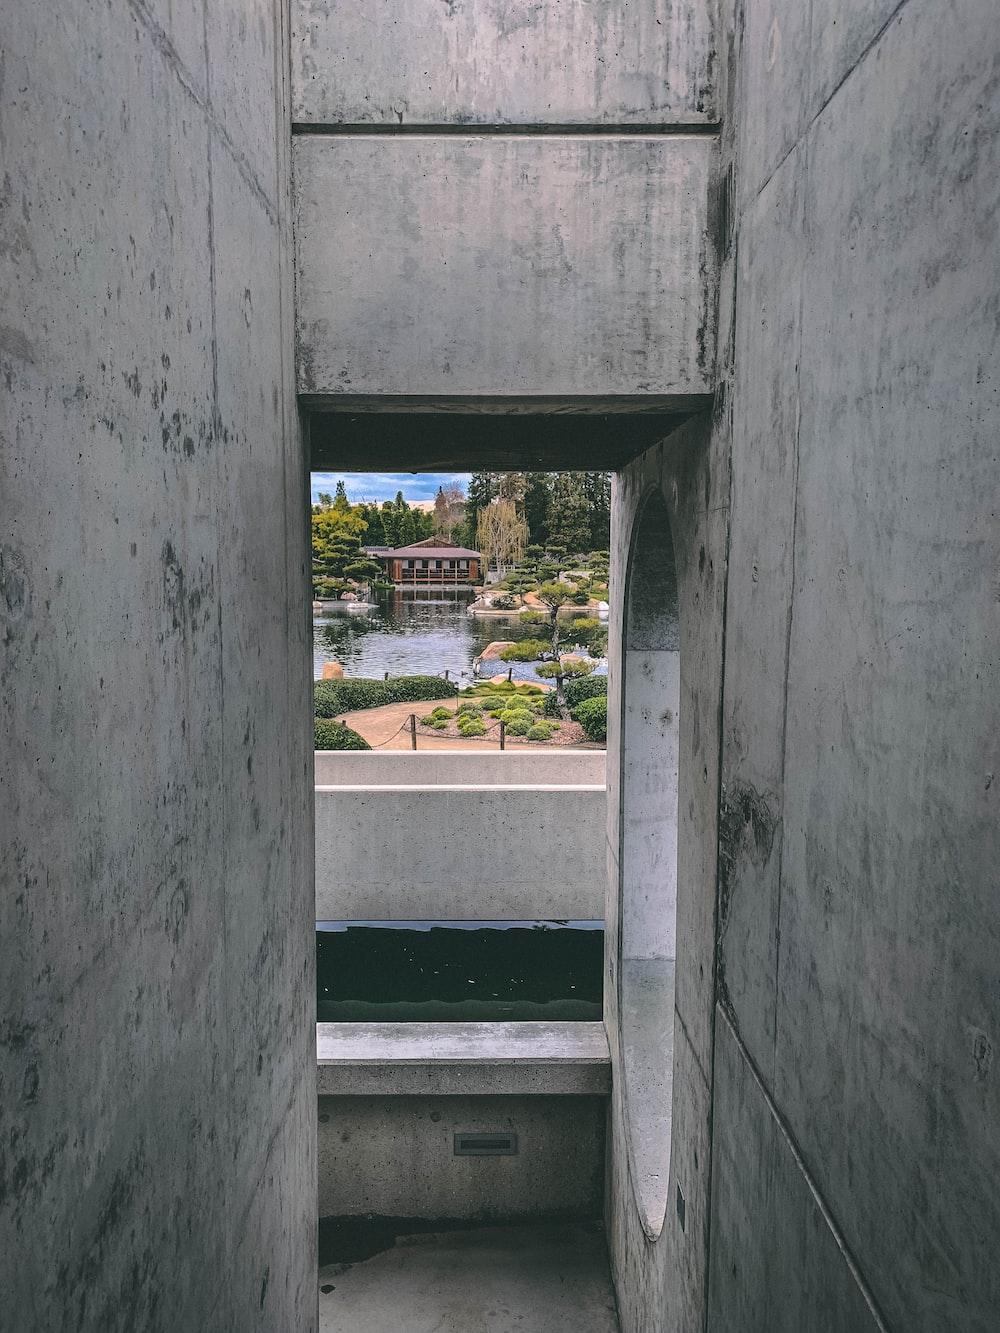 gray concrete pathway